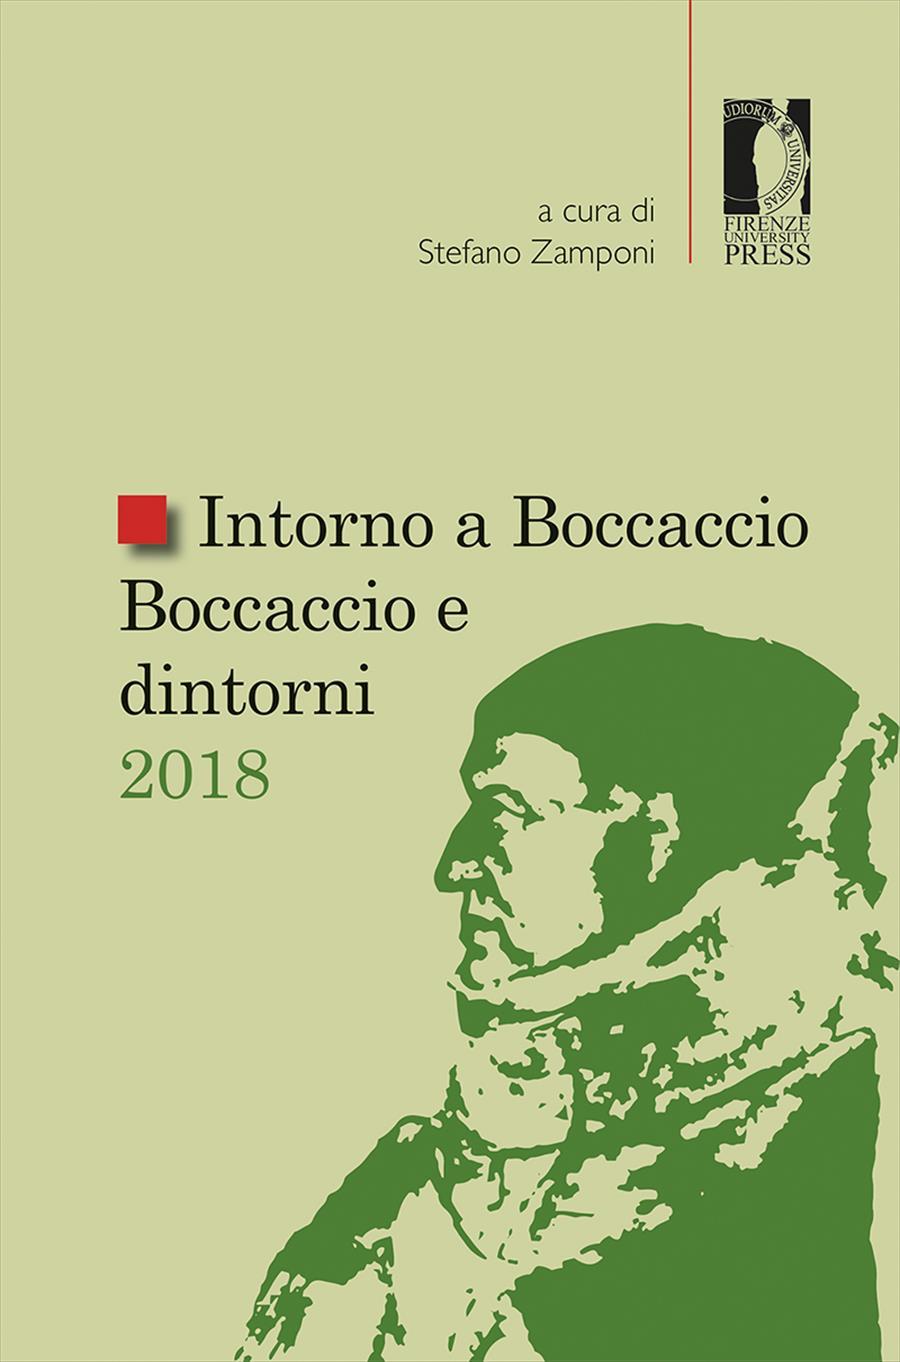 Intorno a Boccaccio / Boccaccio e dintorni 2018